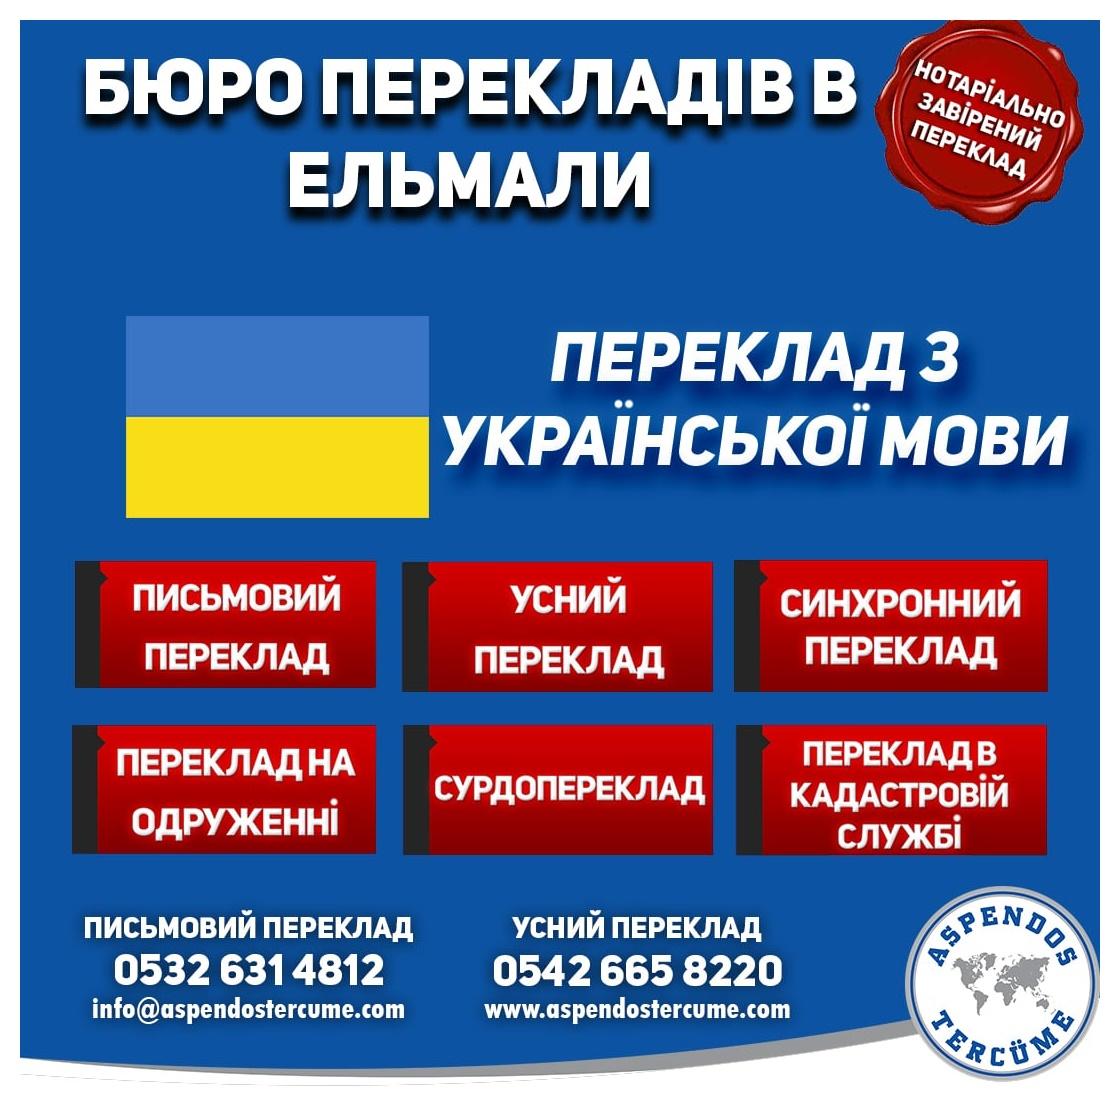 єльмали_бюро_перекладів_український_переклад